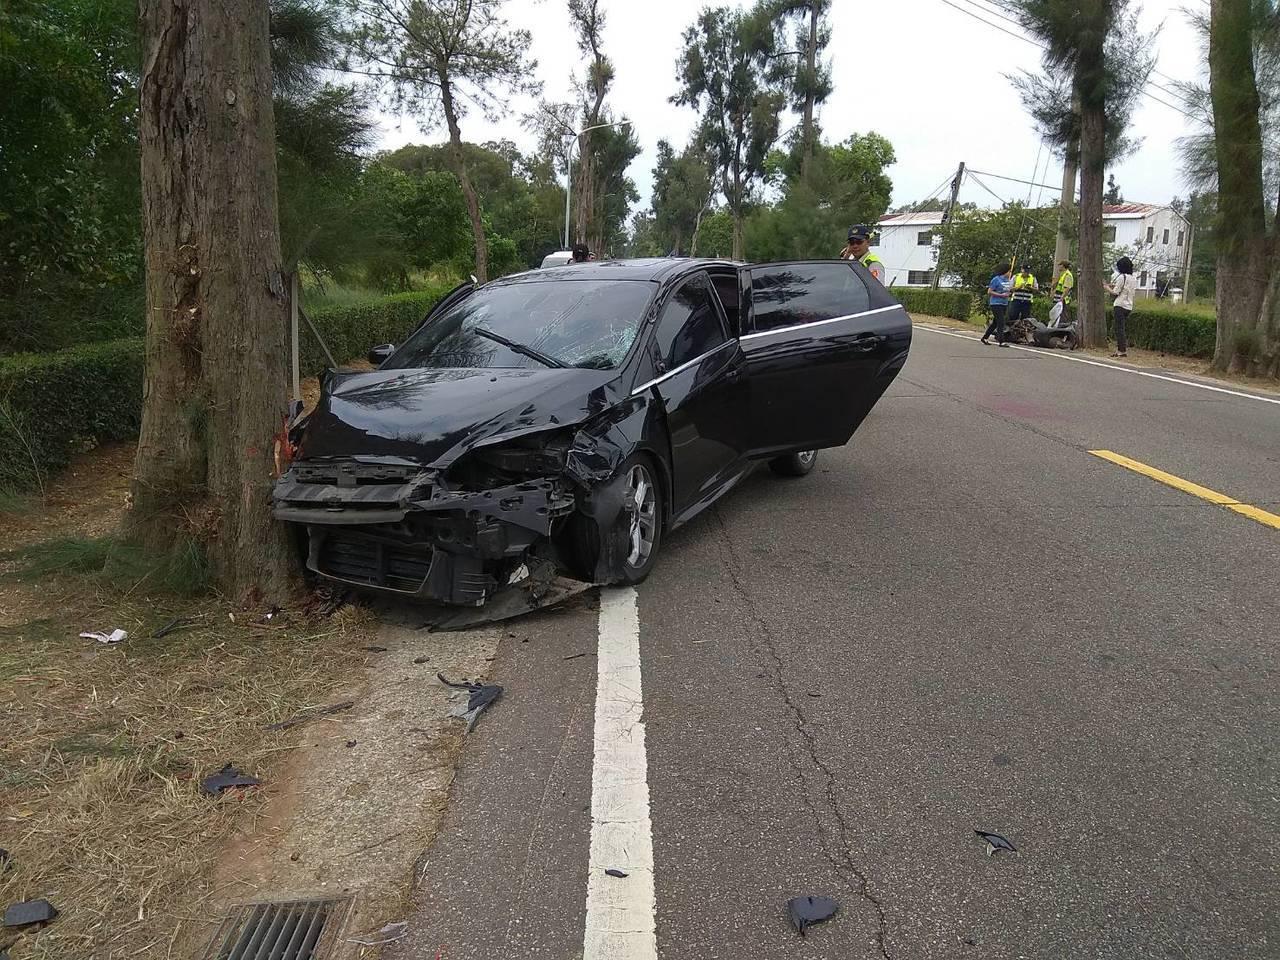 環島北路與后盤山路口處今發生一起死亡車禍,自小客車在追撞機車後,又衝撞路旁的行道...